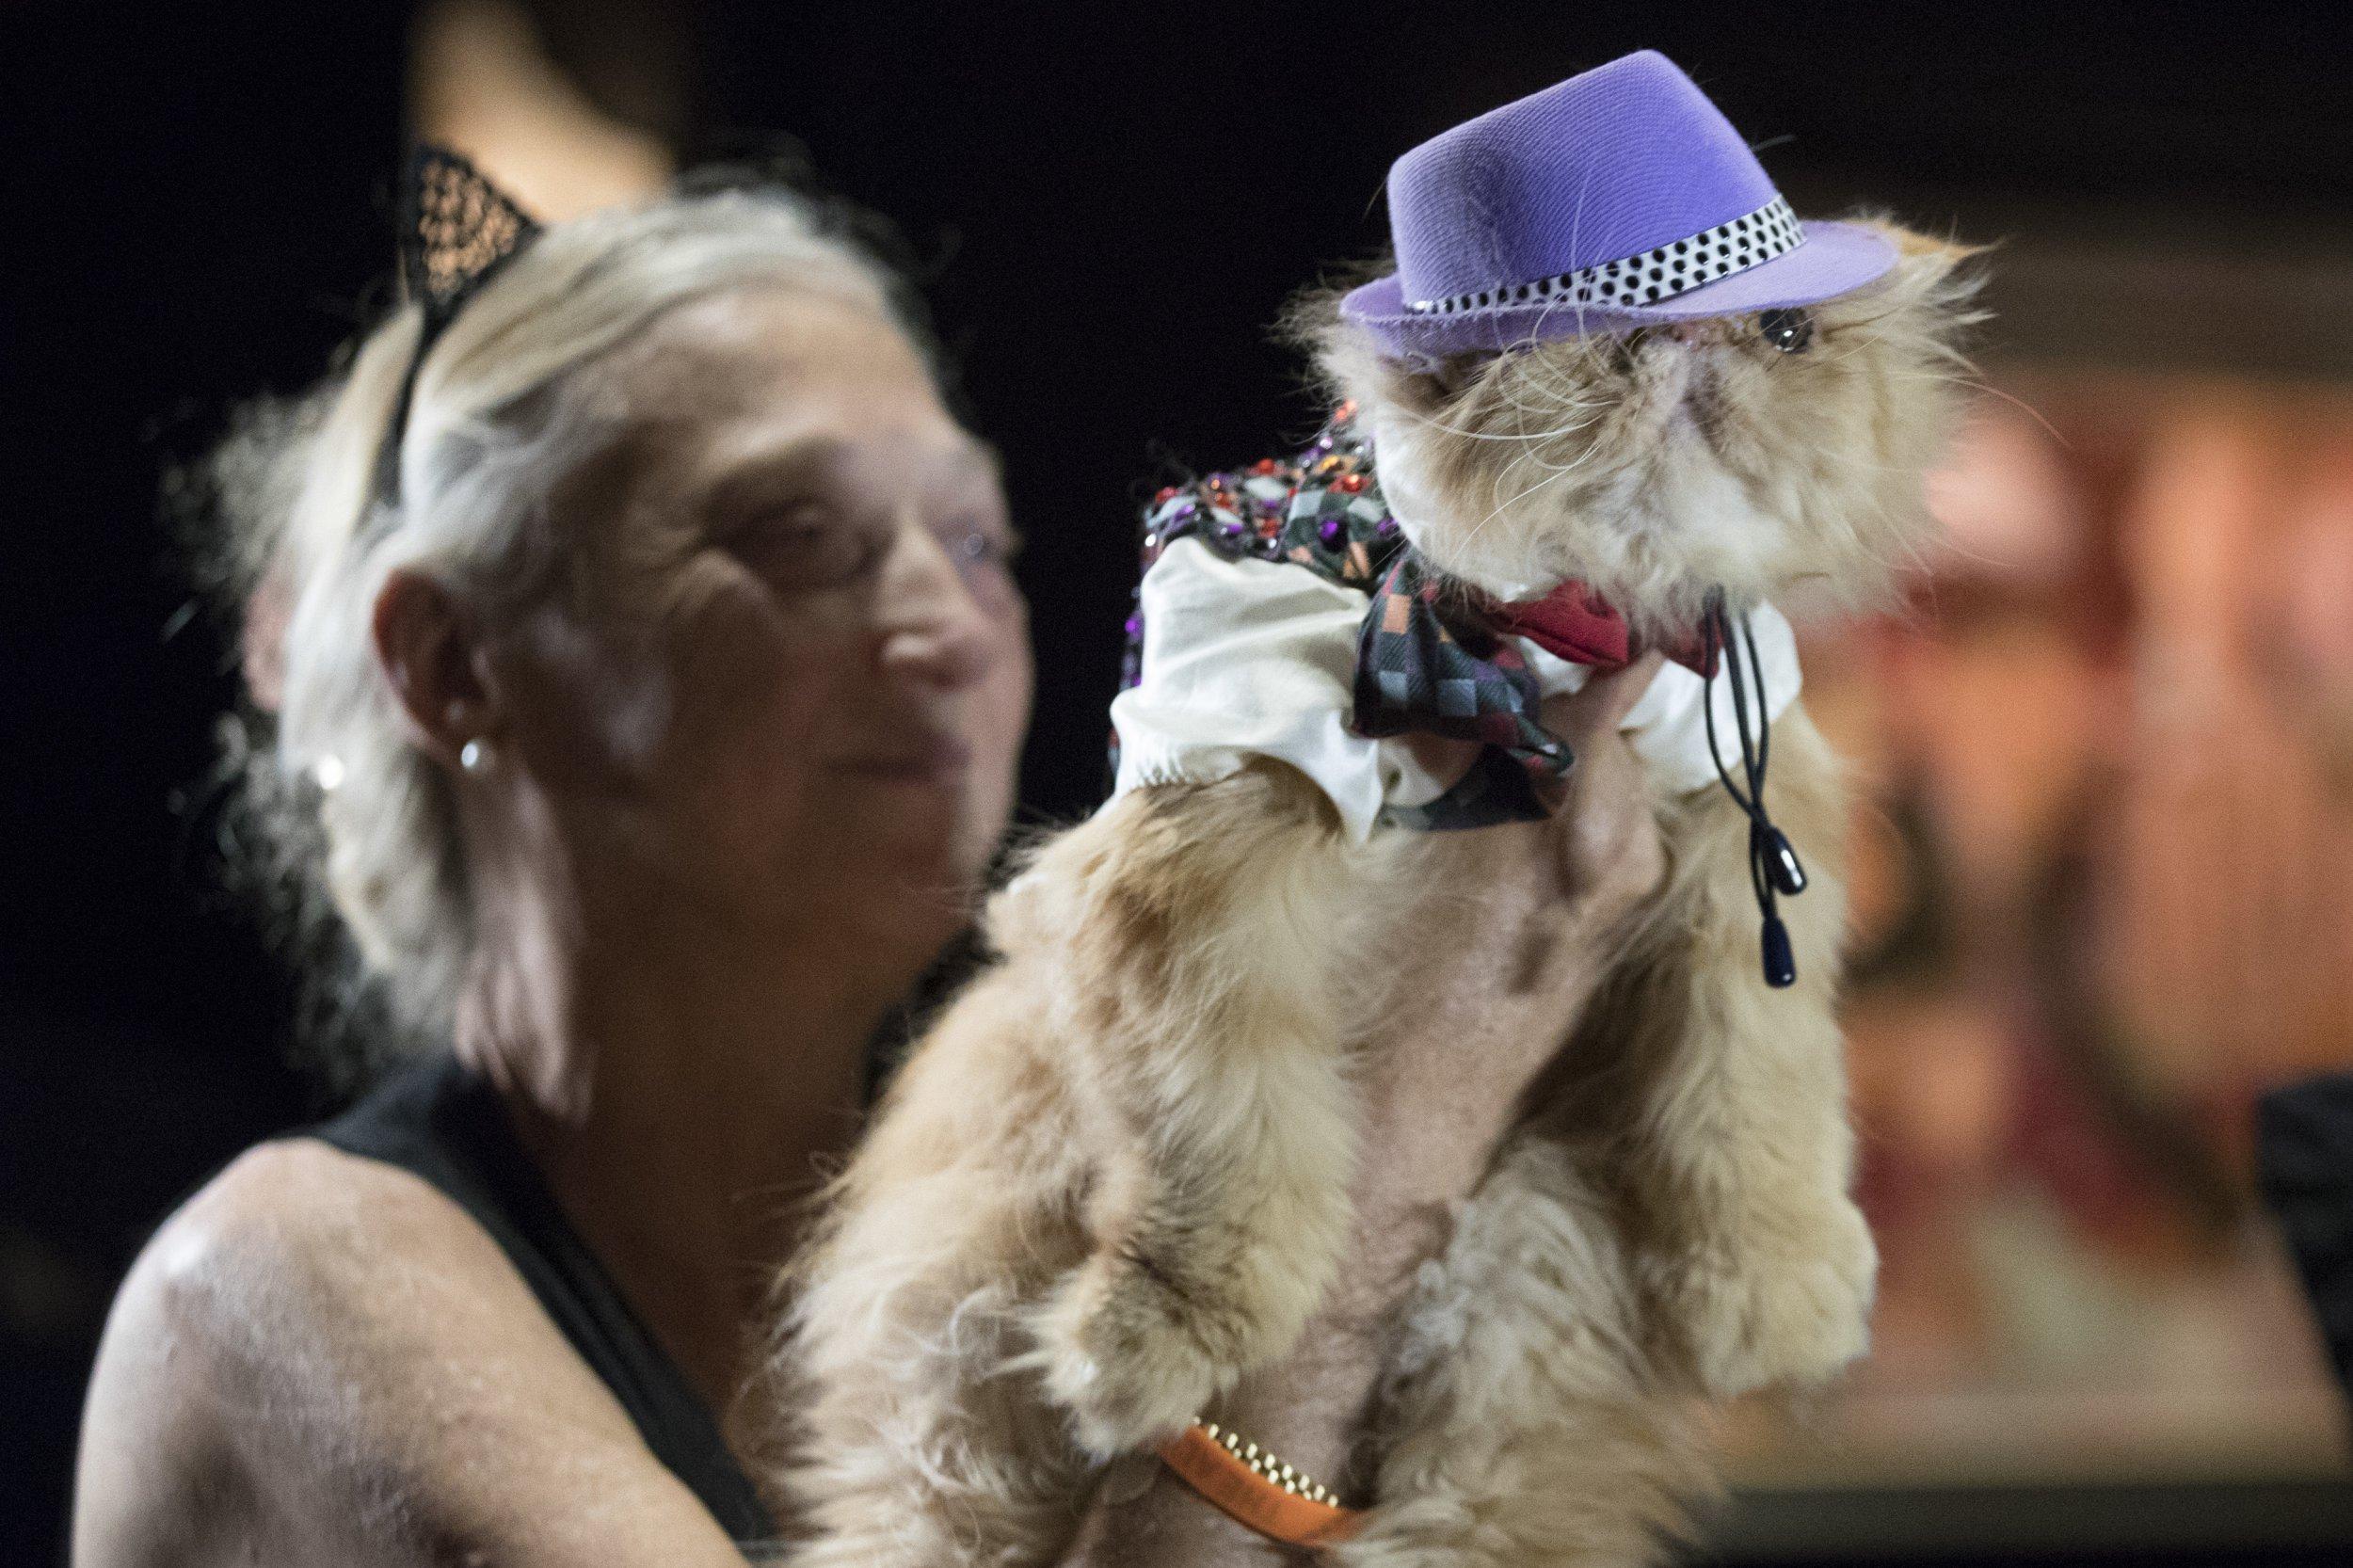 'Mewdels' own the catwalk in a feline fashion show